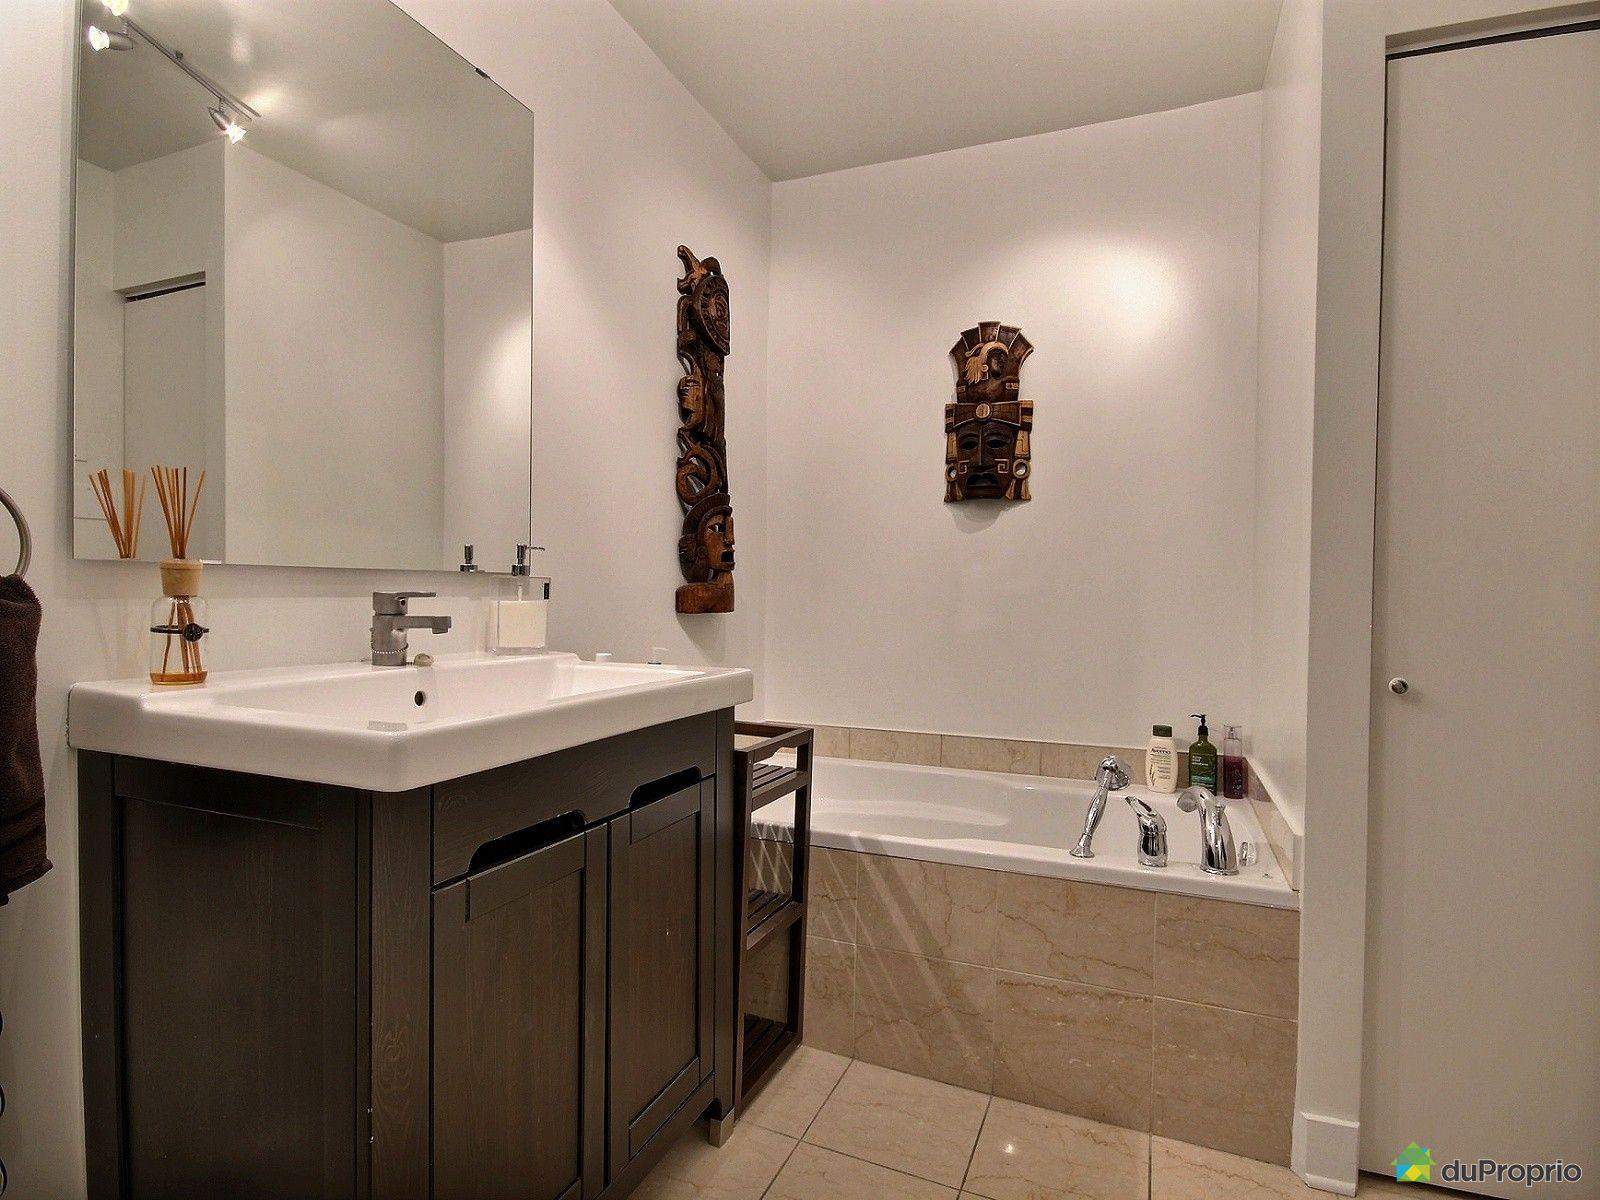 Condo vendre montr al 582 rue dufresne immobilier for Salle de bain commune a deux chambres